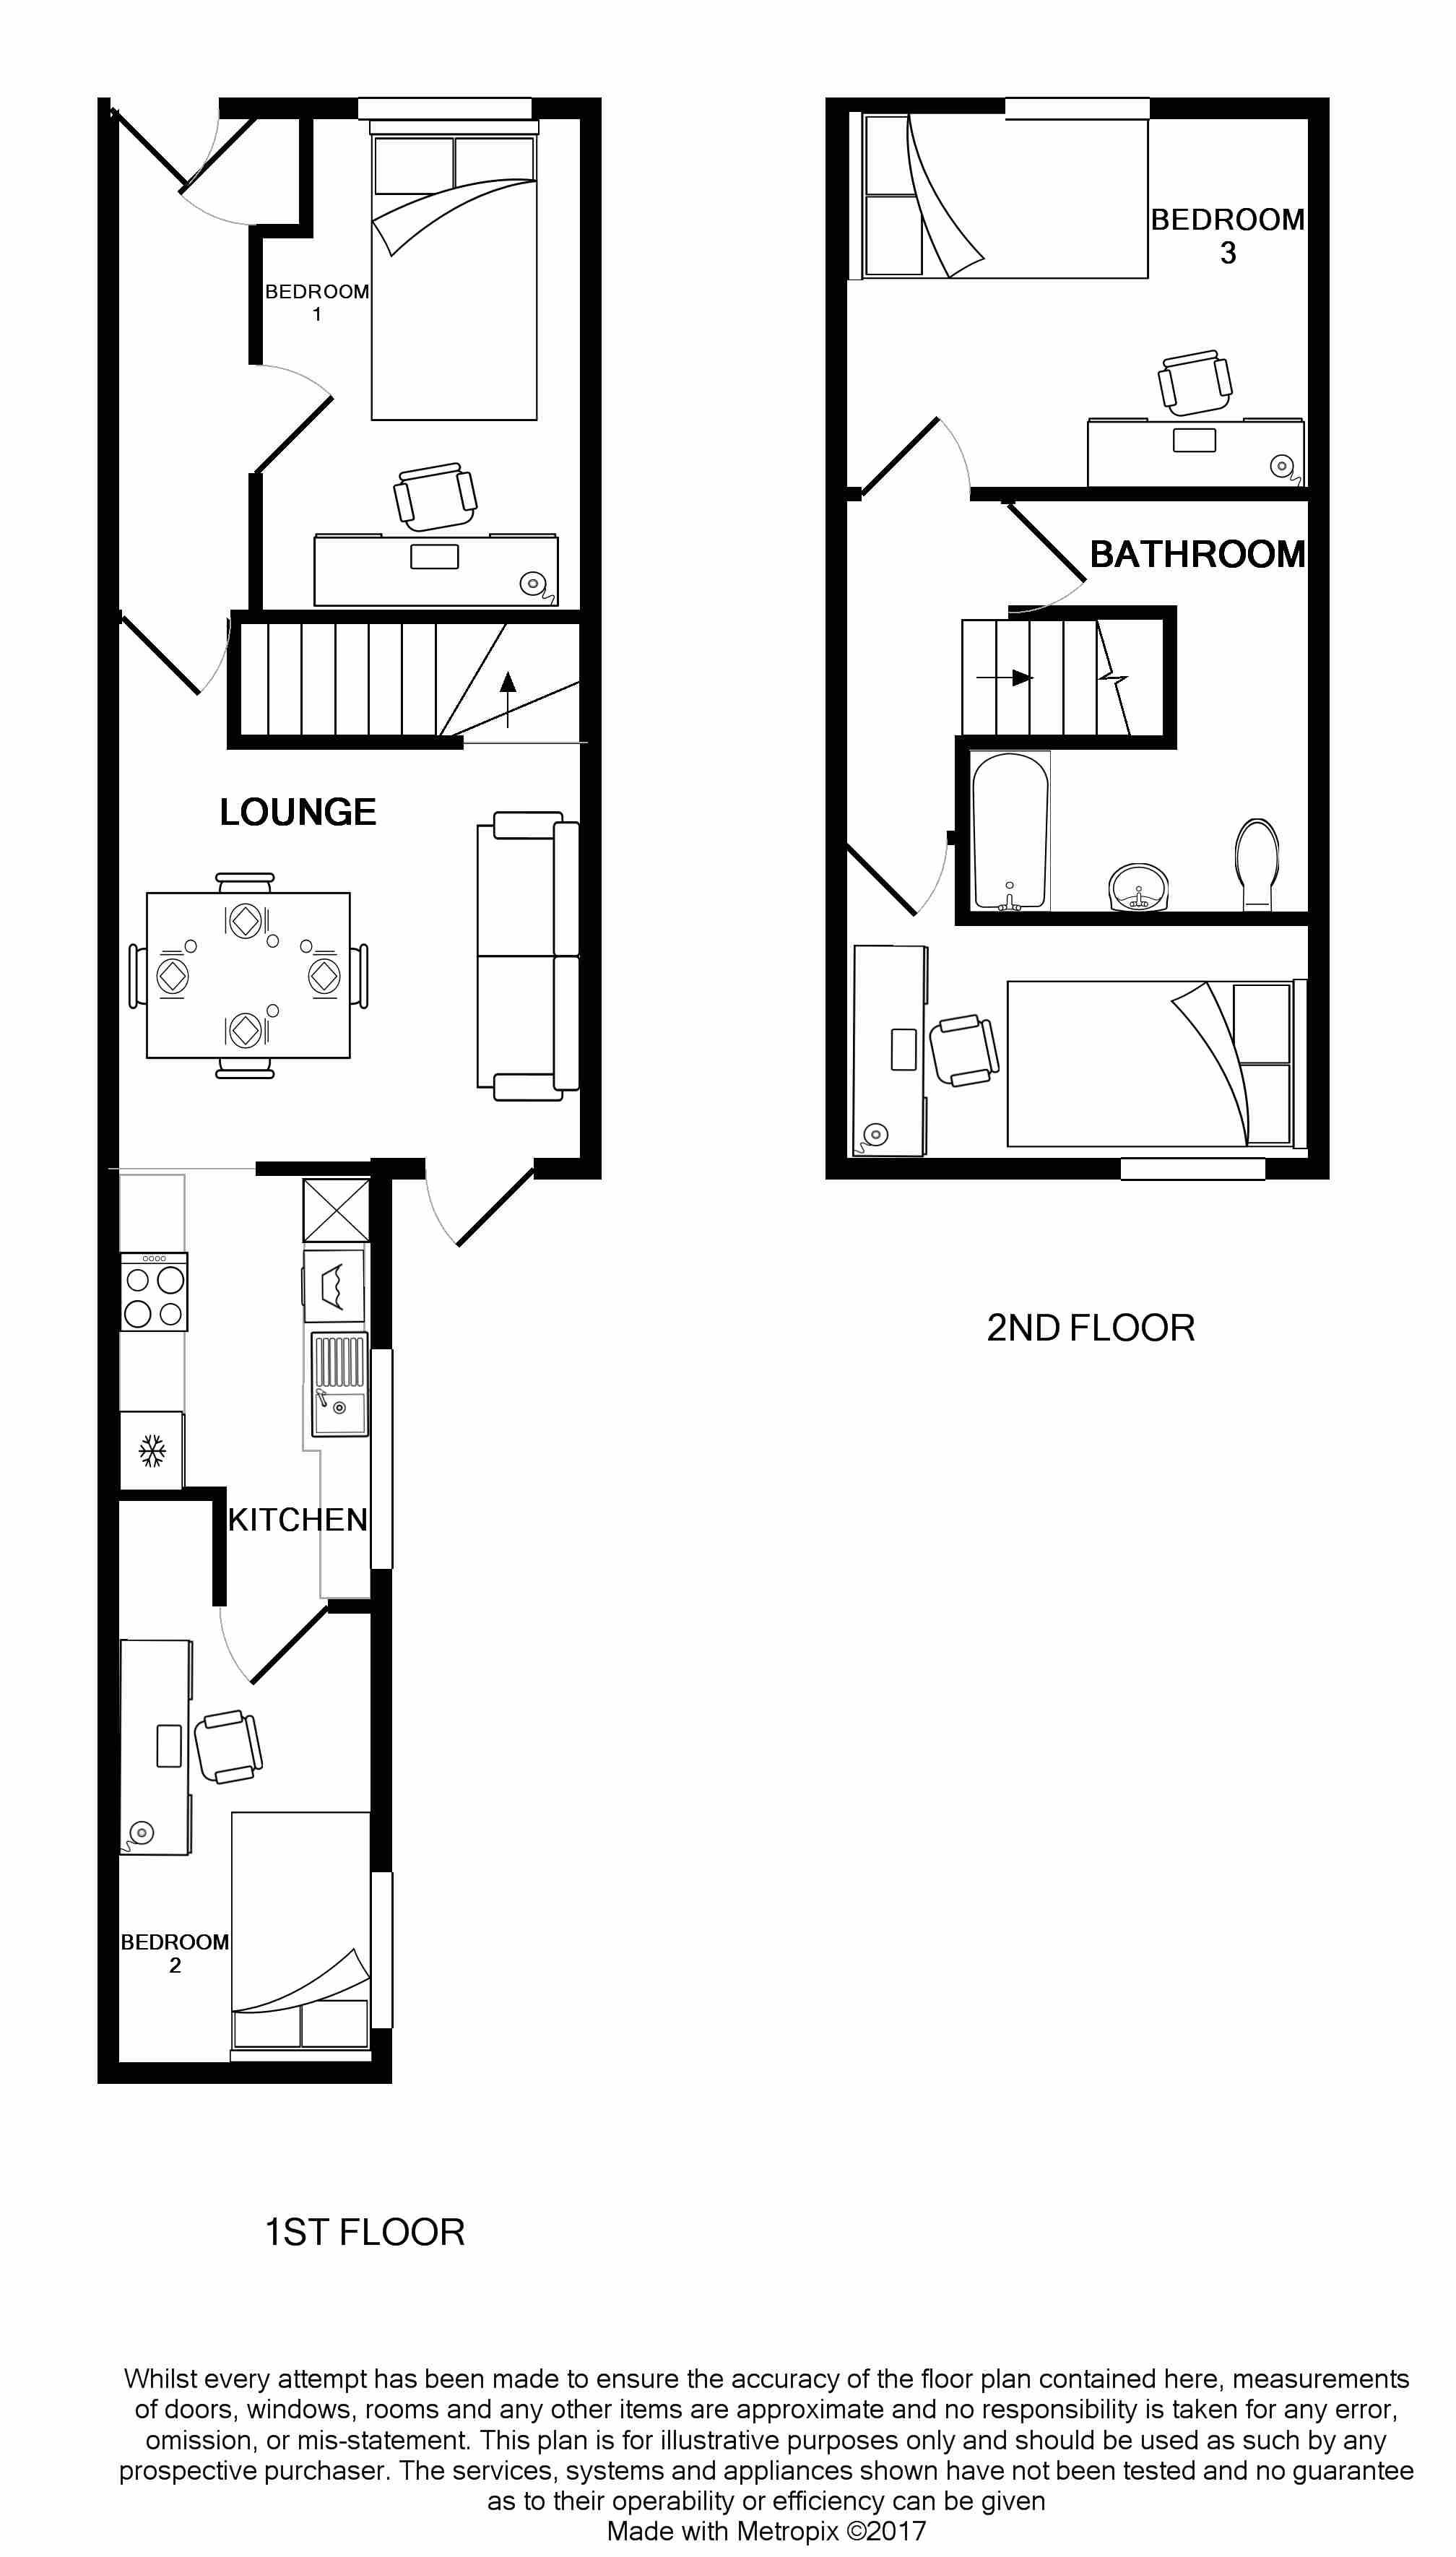 23 Carlton Road Floorplans